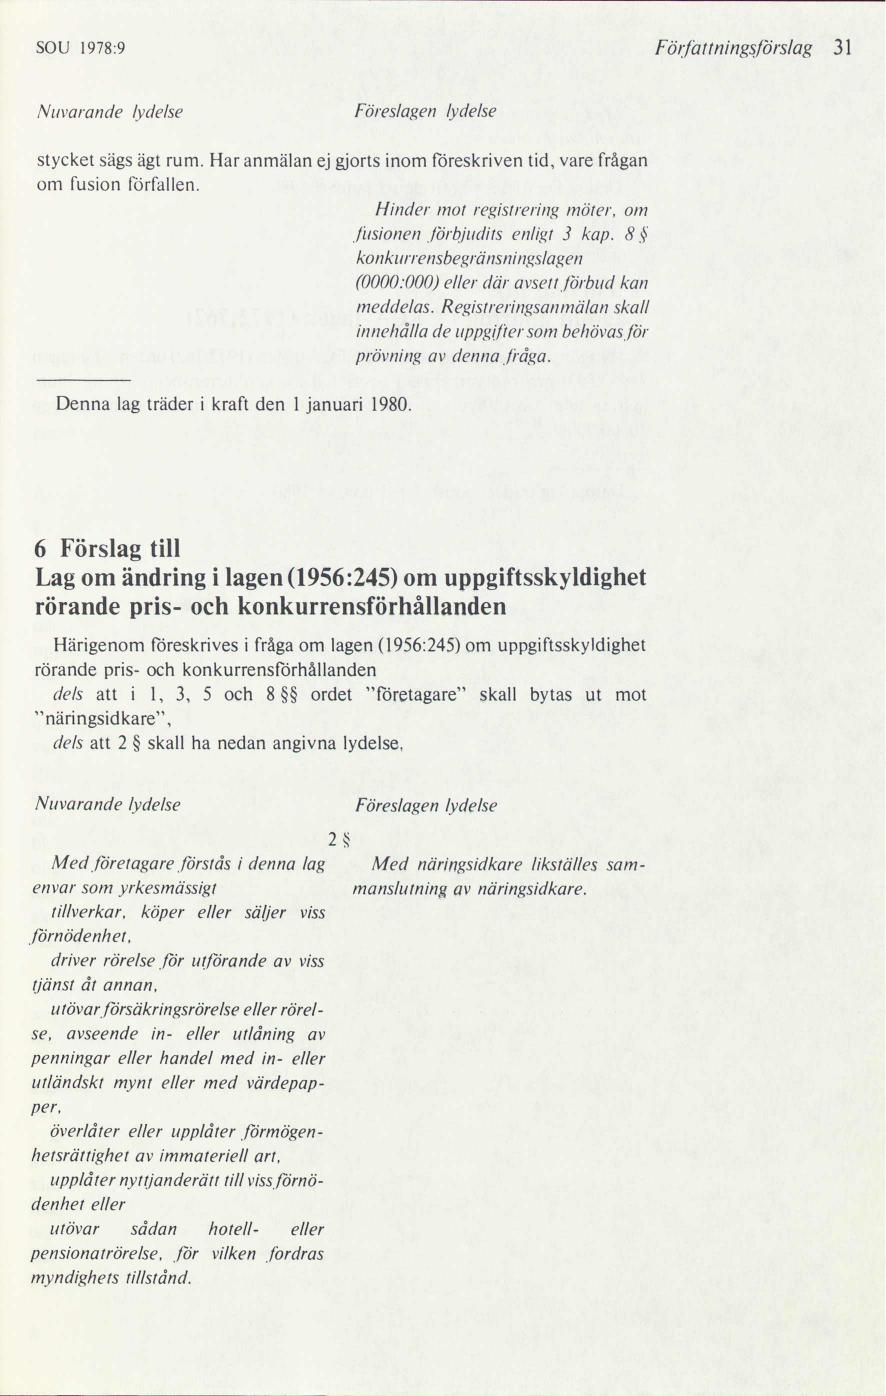 Msf vagrar underteckna uppforandekod